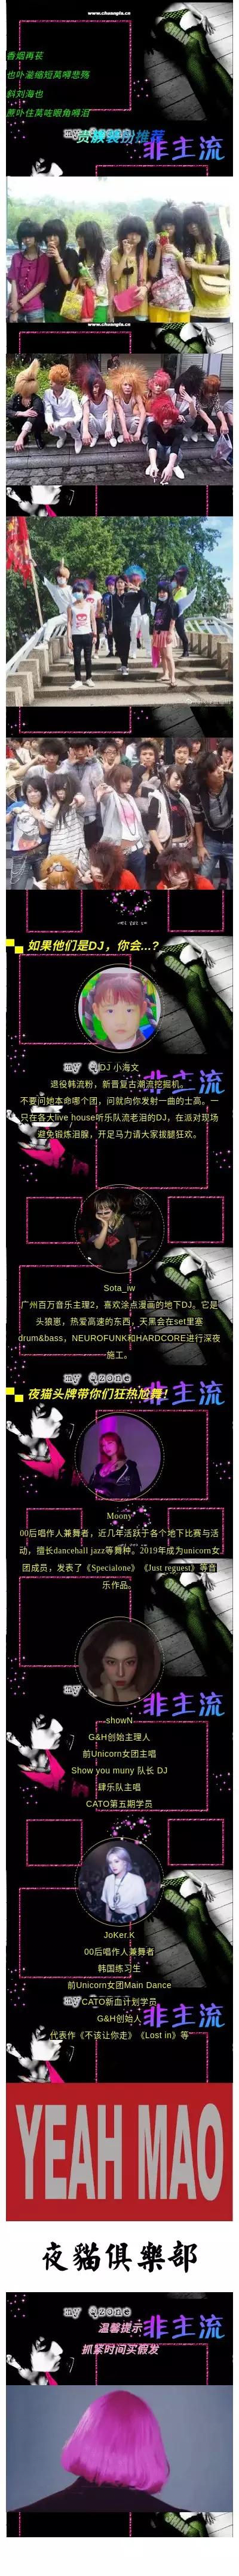 2021夜猫俱乐部「文艺の复兴」酒水畅饮-广州站